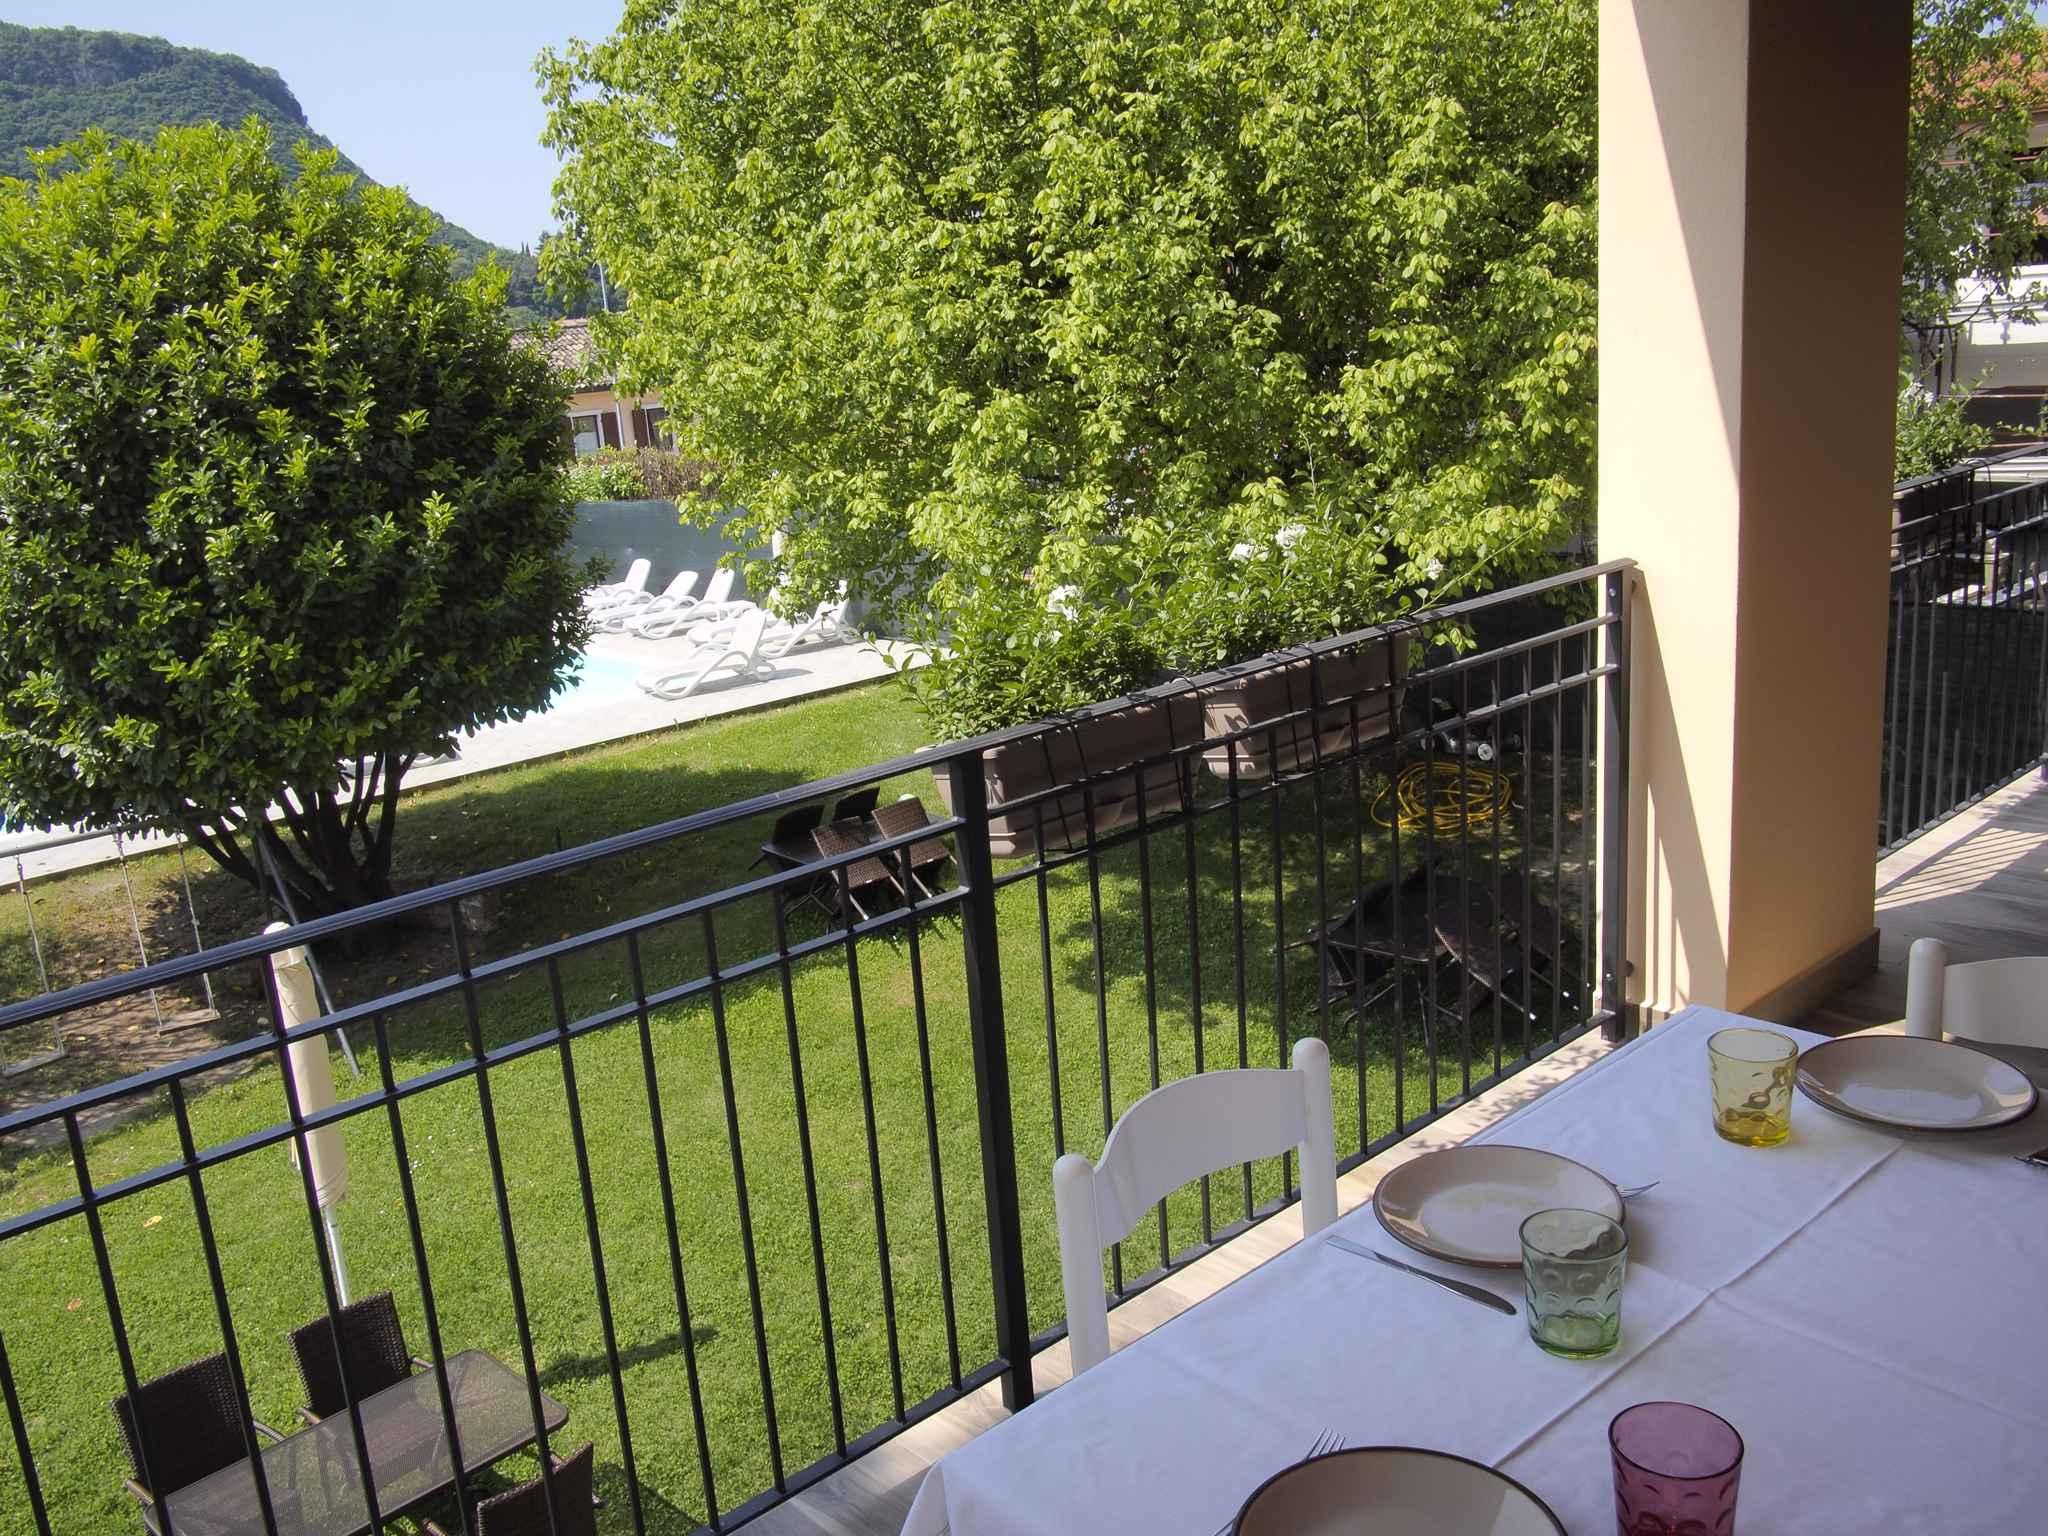 Ferienwohnung mit Balkon (279542), Garda, Gardasee, Venetien, Italien, Bild 13